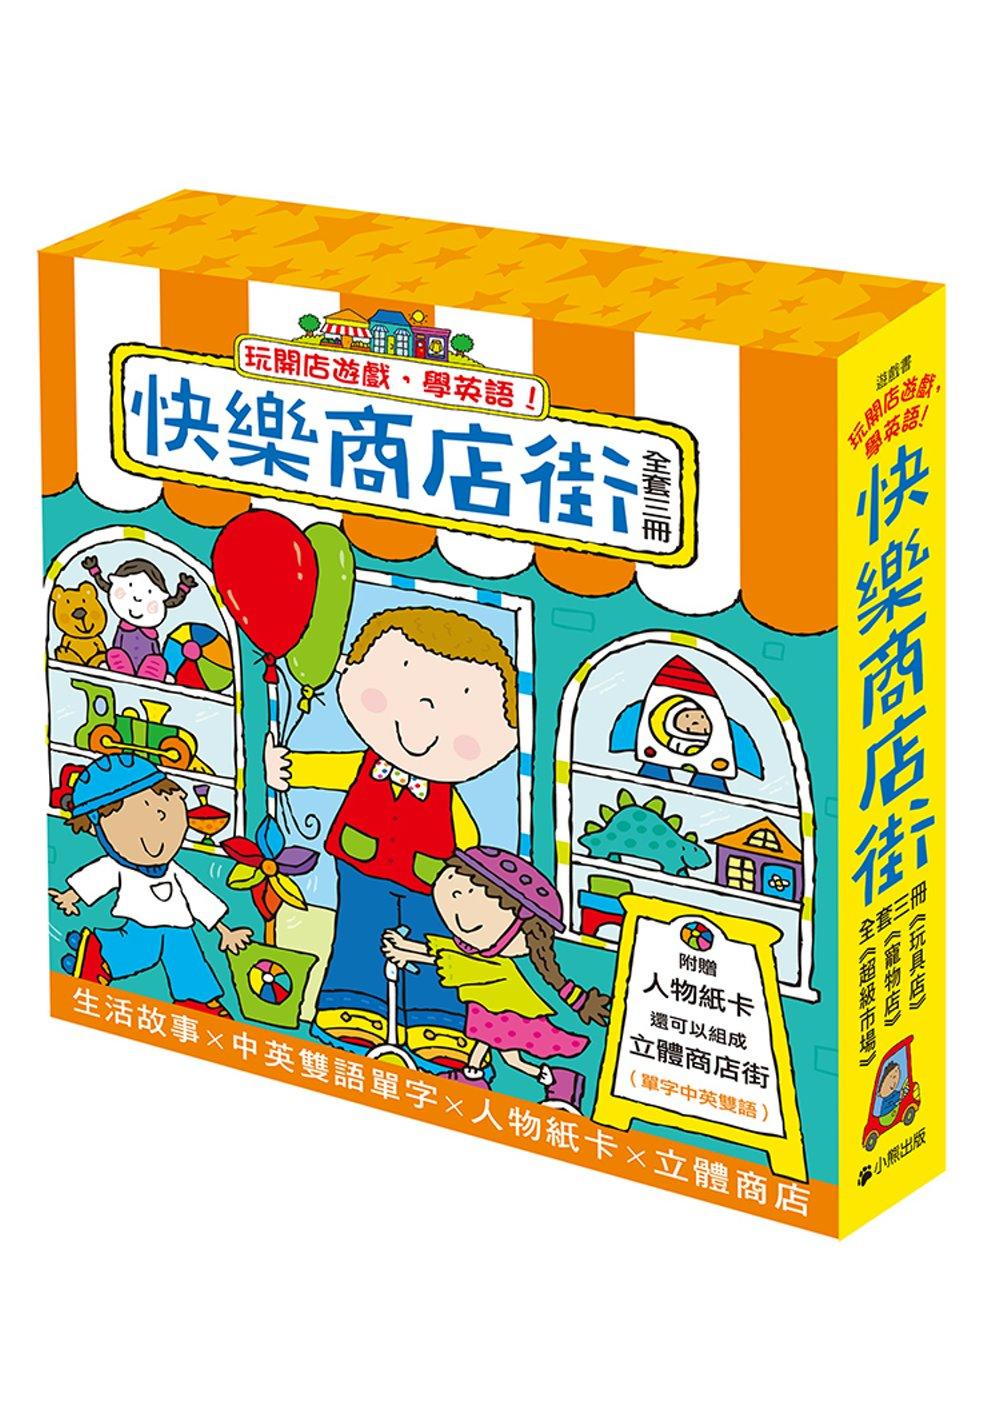 玩開店遊戲,學英語!「快樂商店街」系列套書